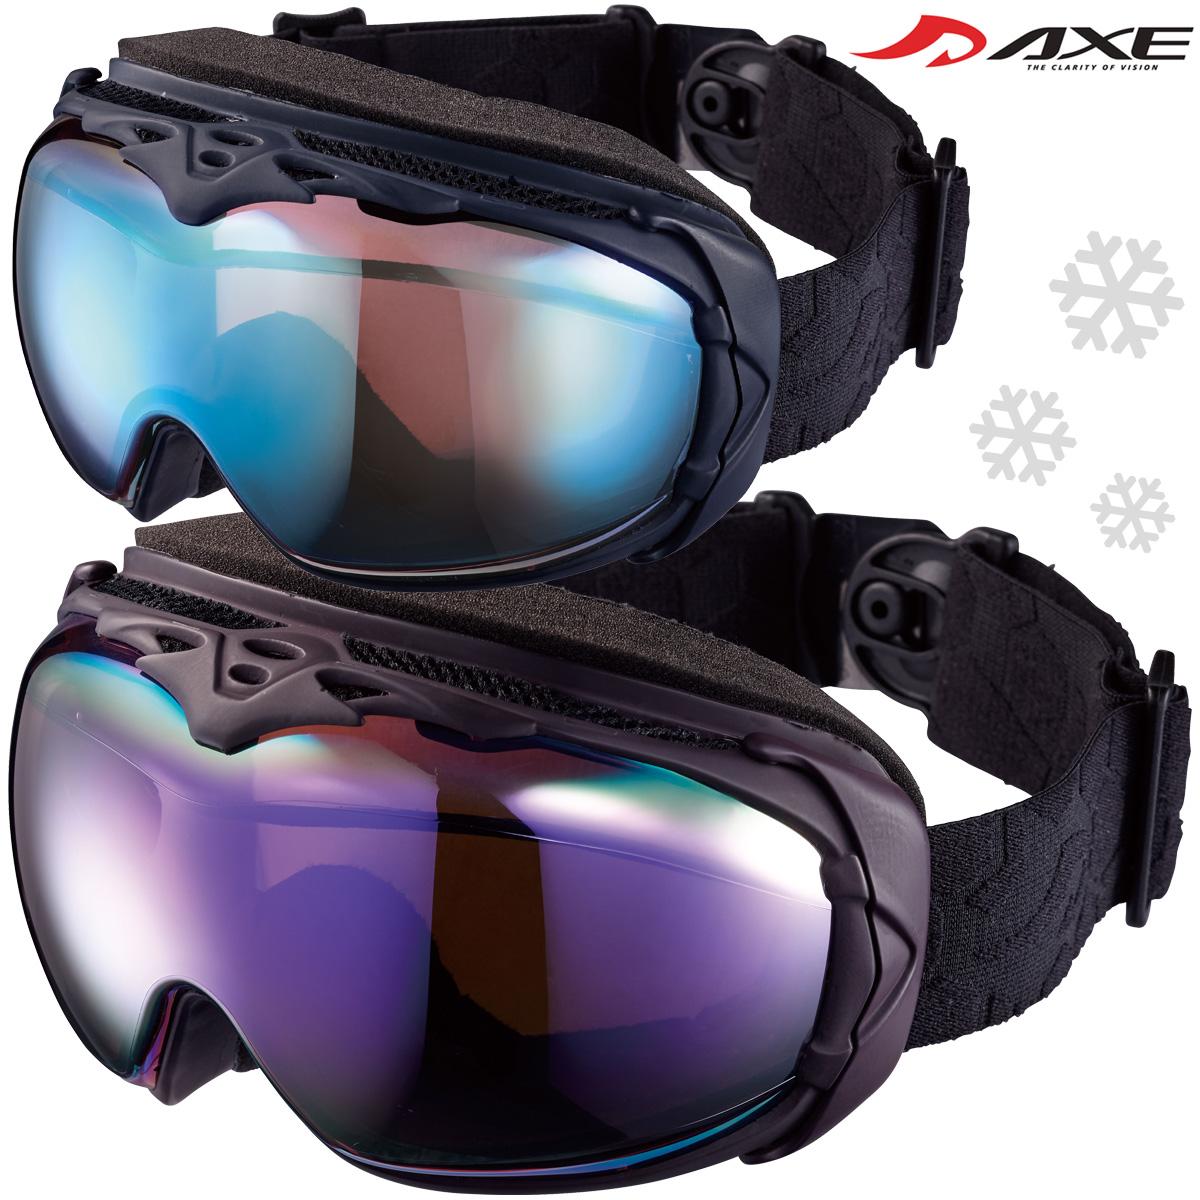 ゴーグル AXE [アックス] スキー [スノーボード] ゴーグル AX990-WCM スノーゴーグル ダブルレンズ [2019-20モデル] ダブルレンズ メンズ 曇り止め機能付き メガネ対応